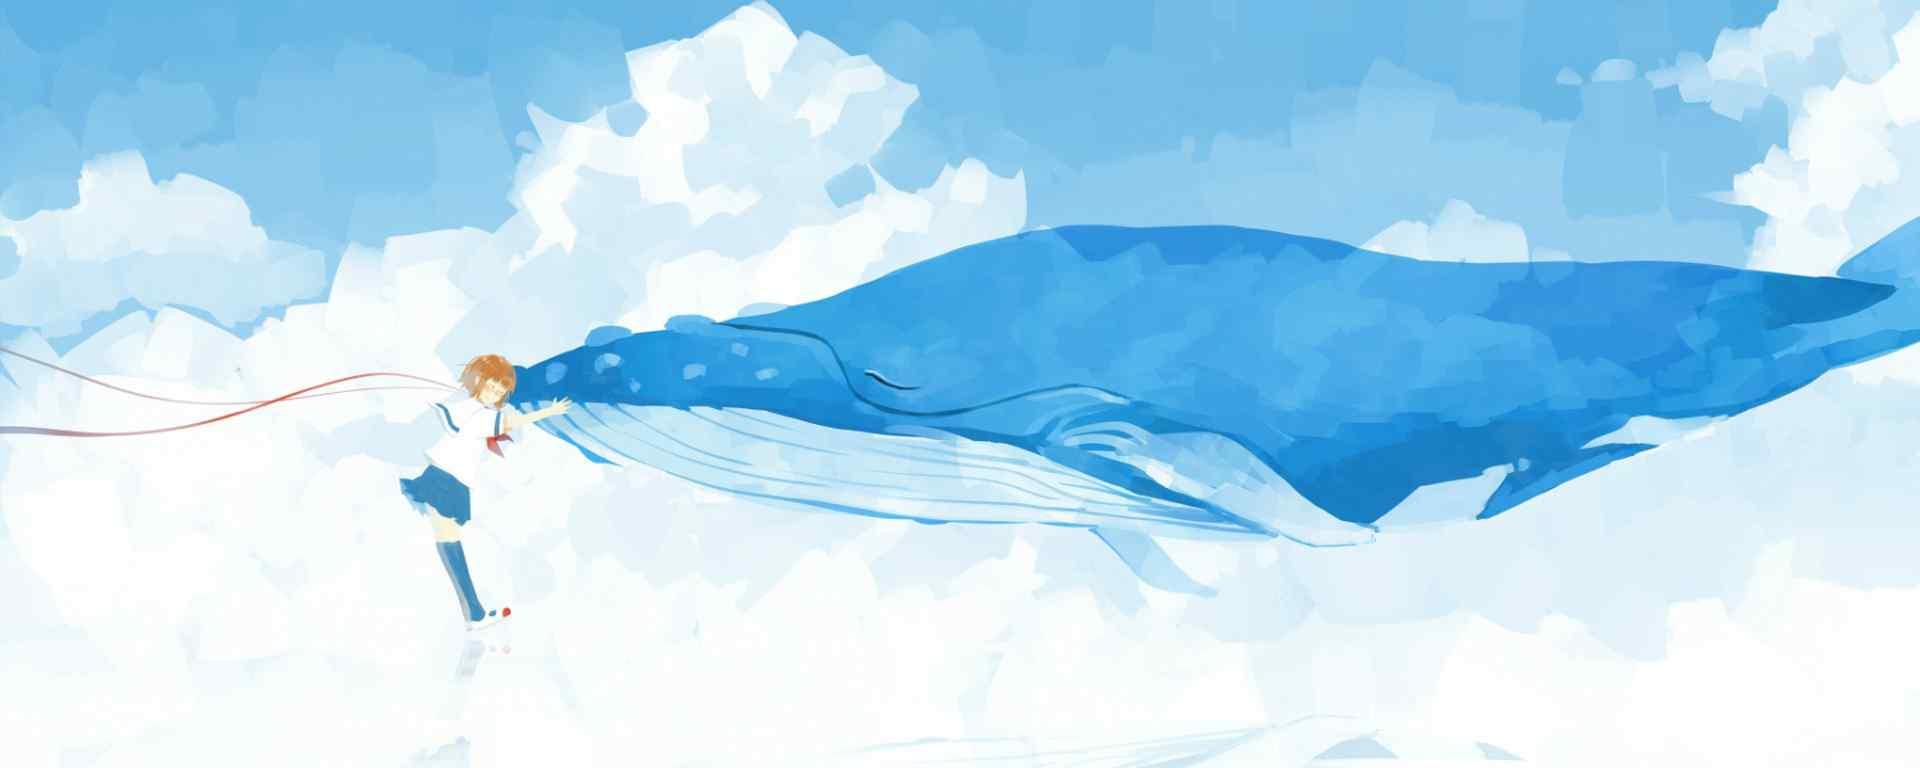 鲸鱼_鲸鱼卡通_鲸鱼手绘_鲸鱼壁纸